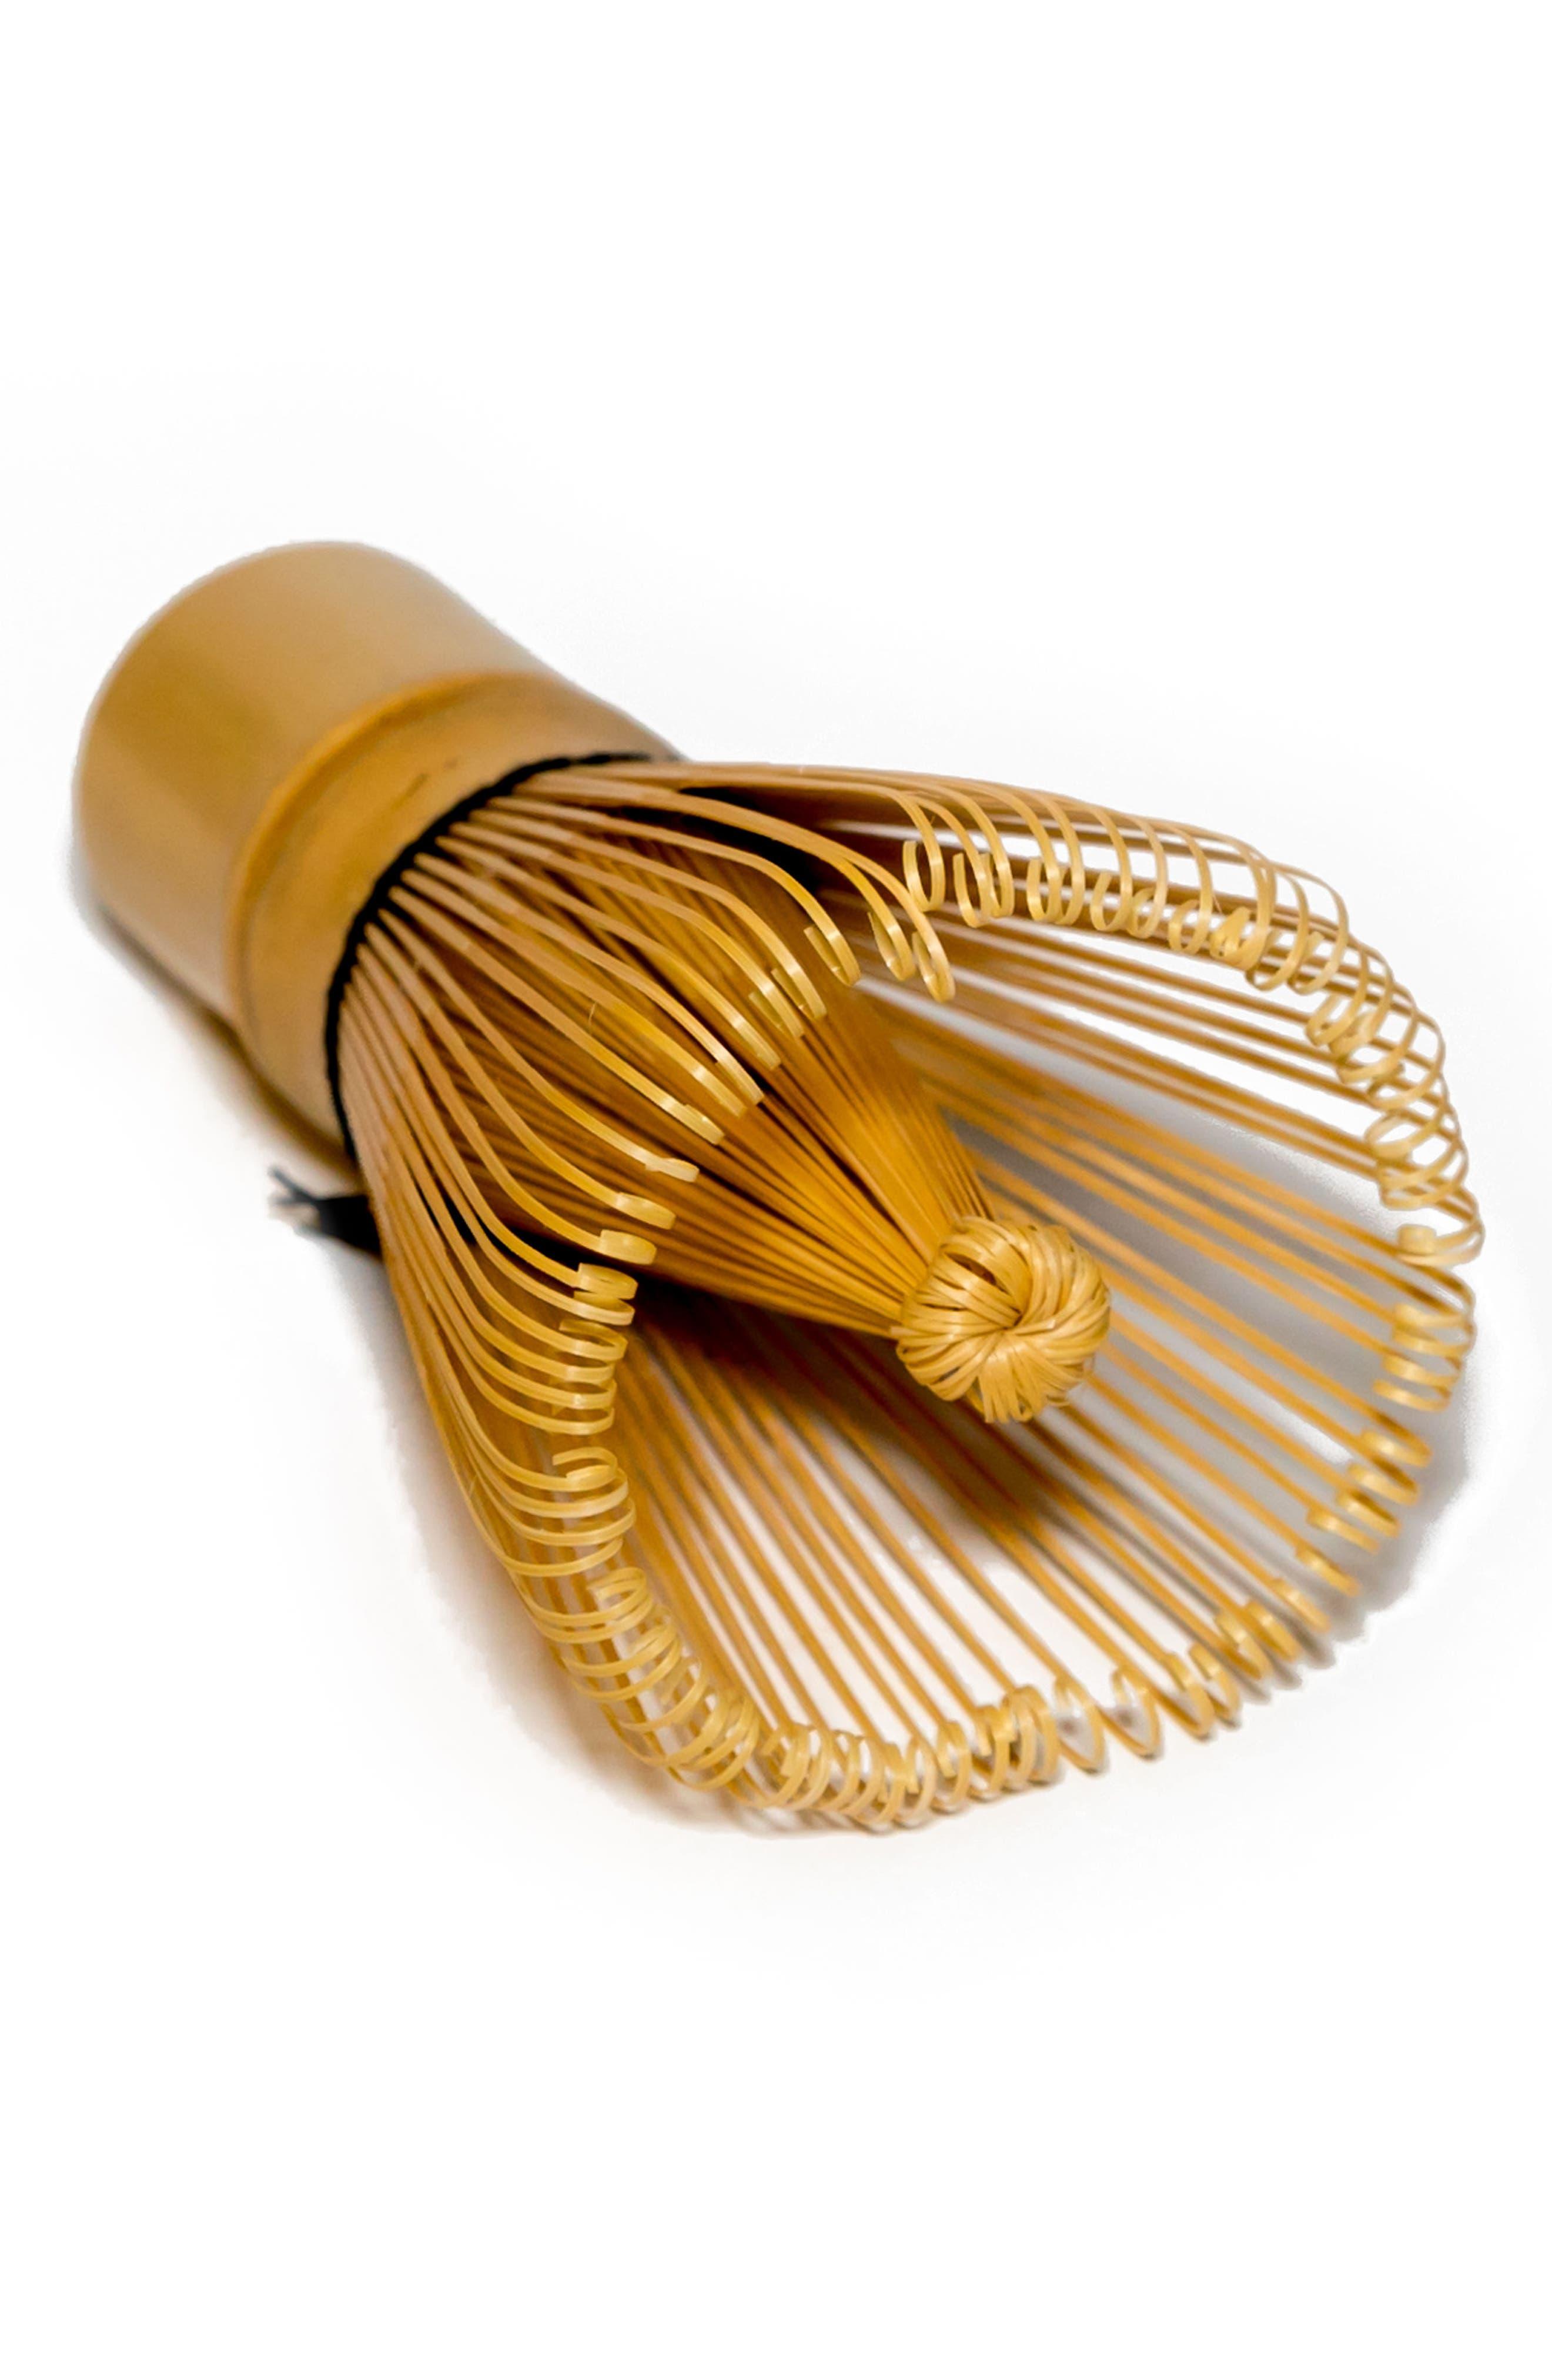 100 Prong Bamboo Matcha Whisk,                             Alternate thumbnail 2, color,                             NO COLOR